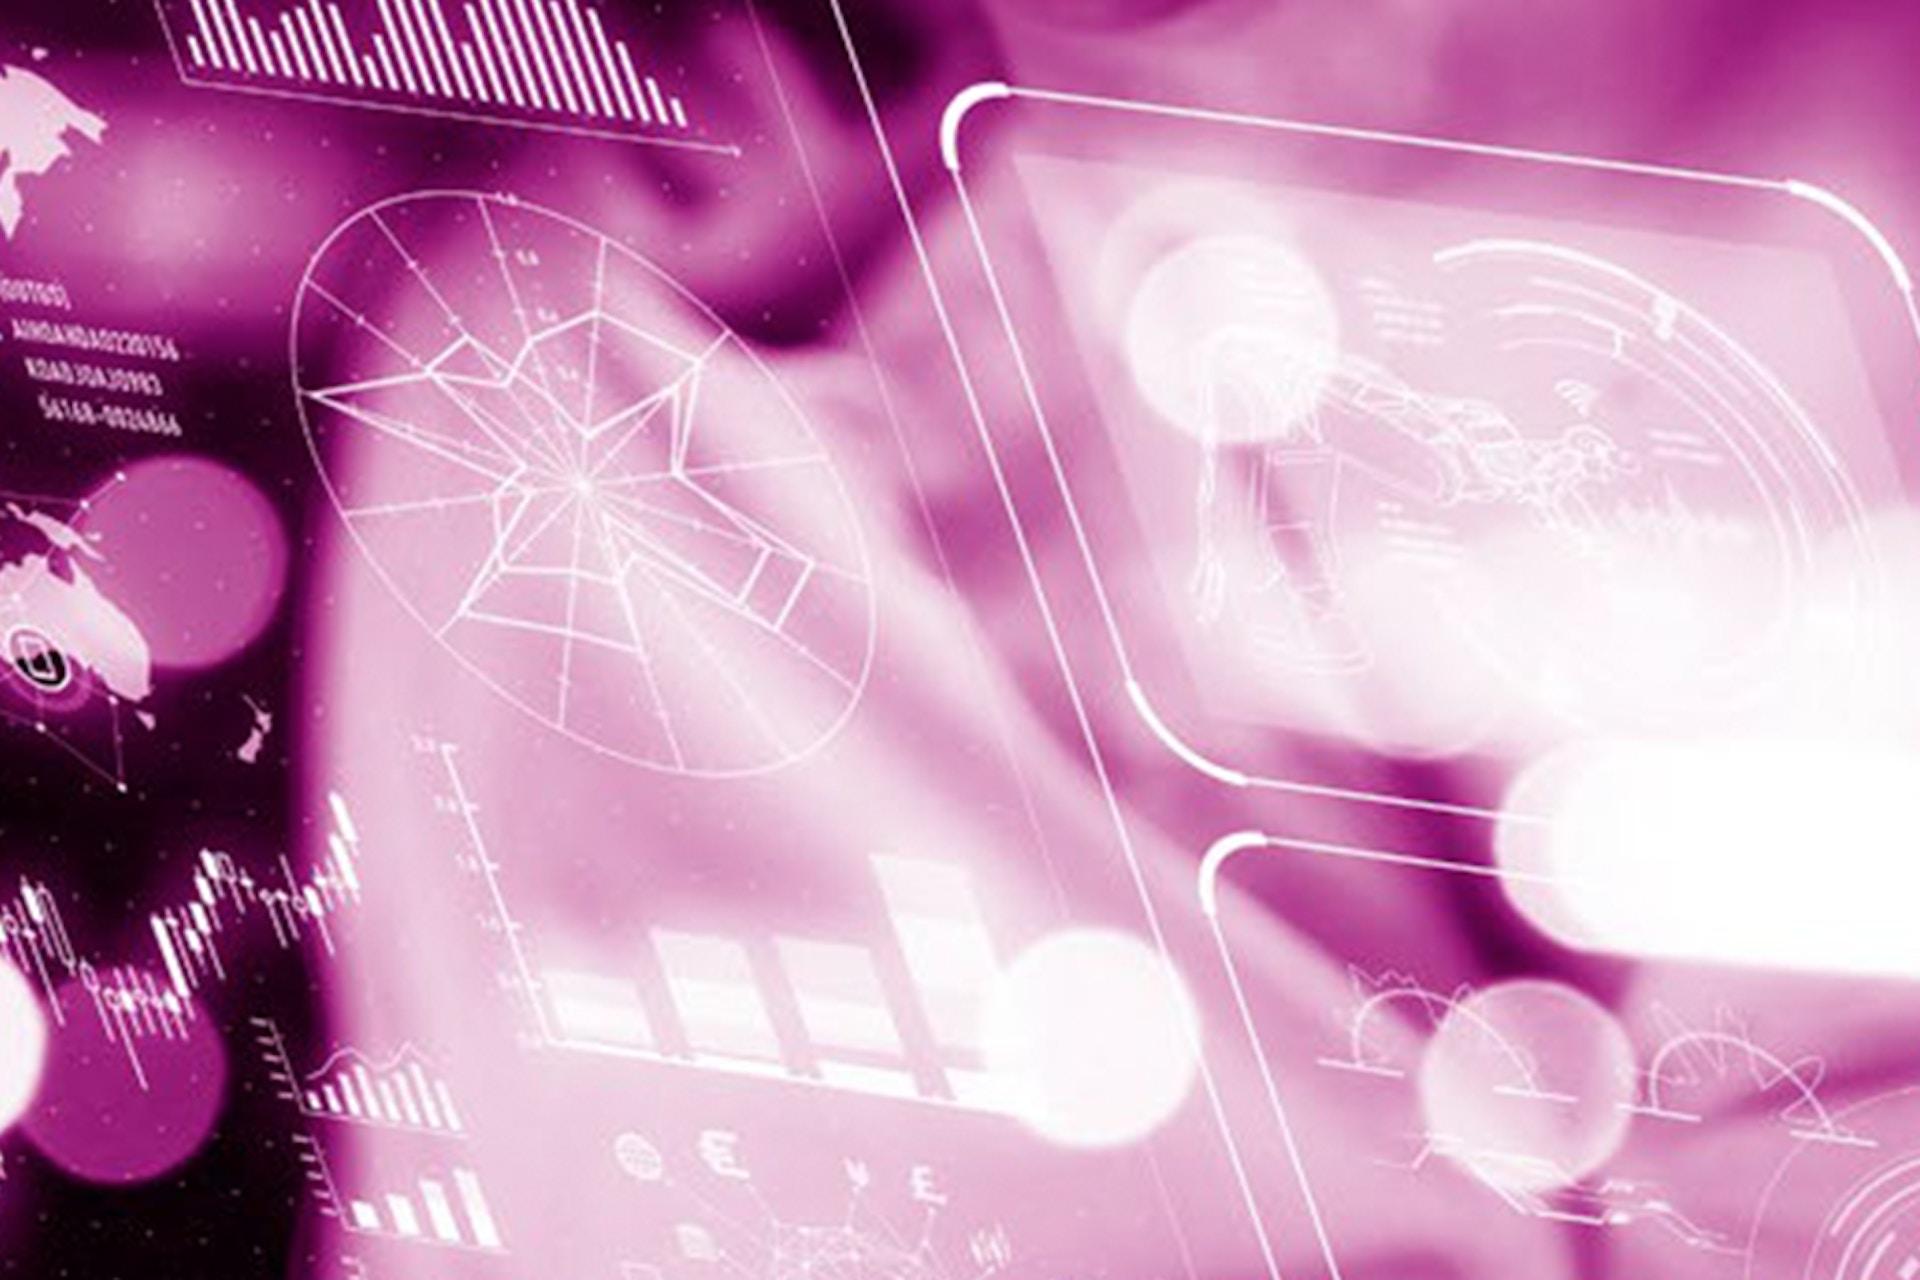 moderne Dashboards rosa transparent